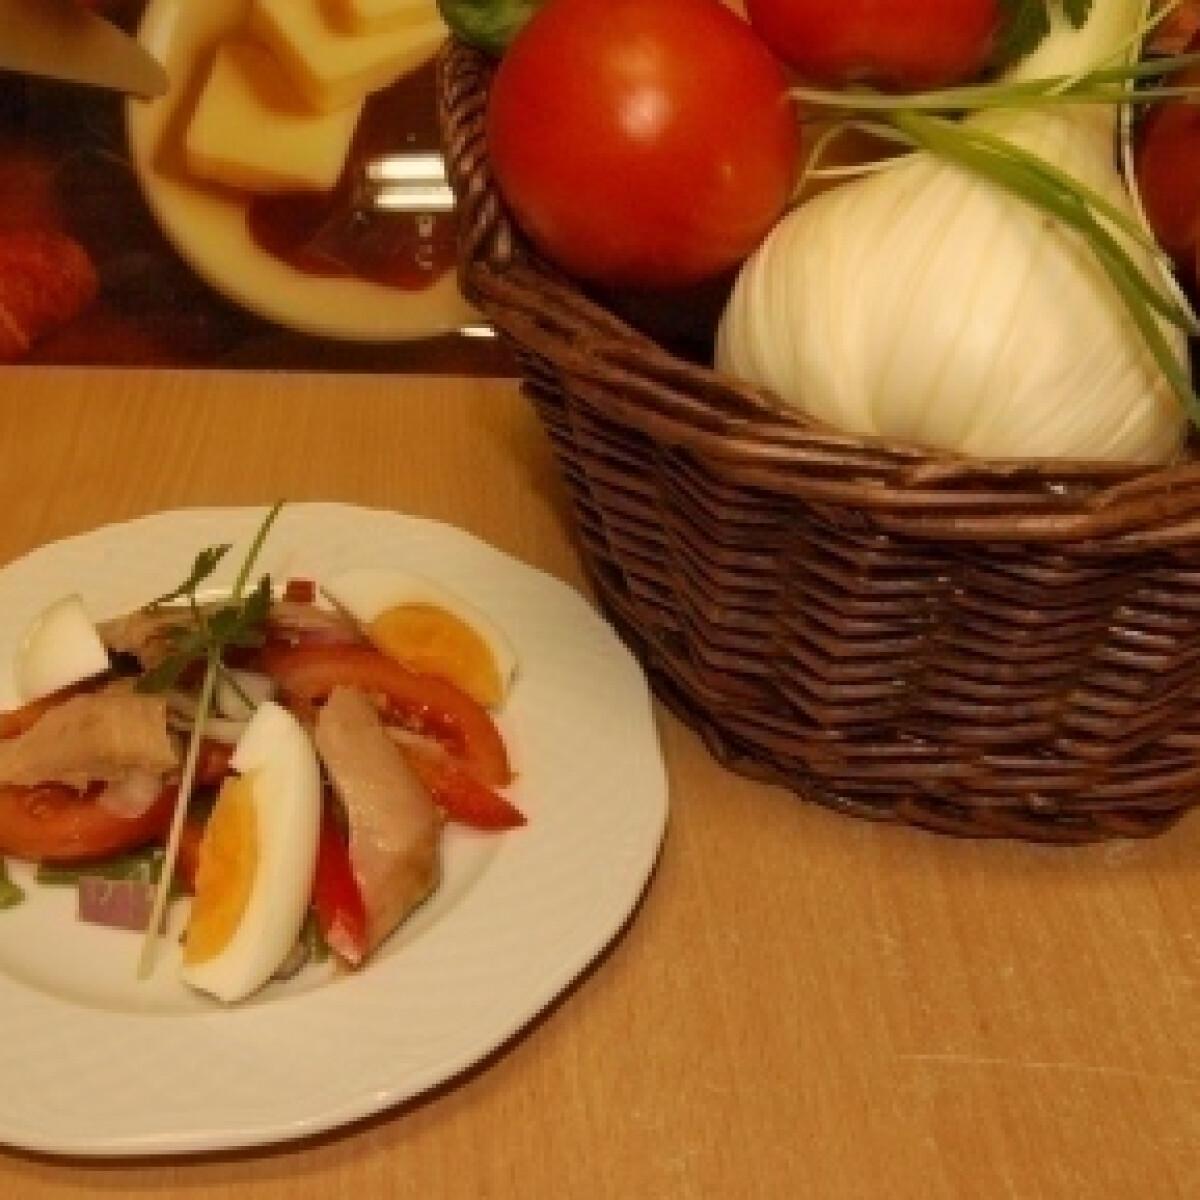 Tonhal saláta zöldbabbal és tojással